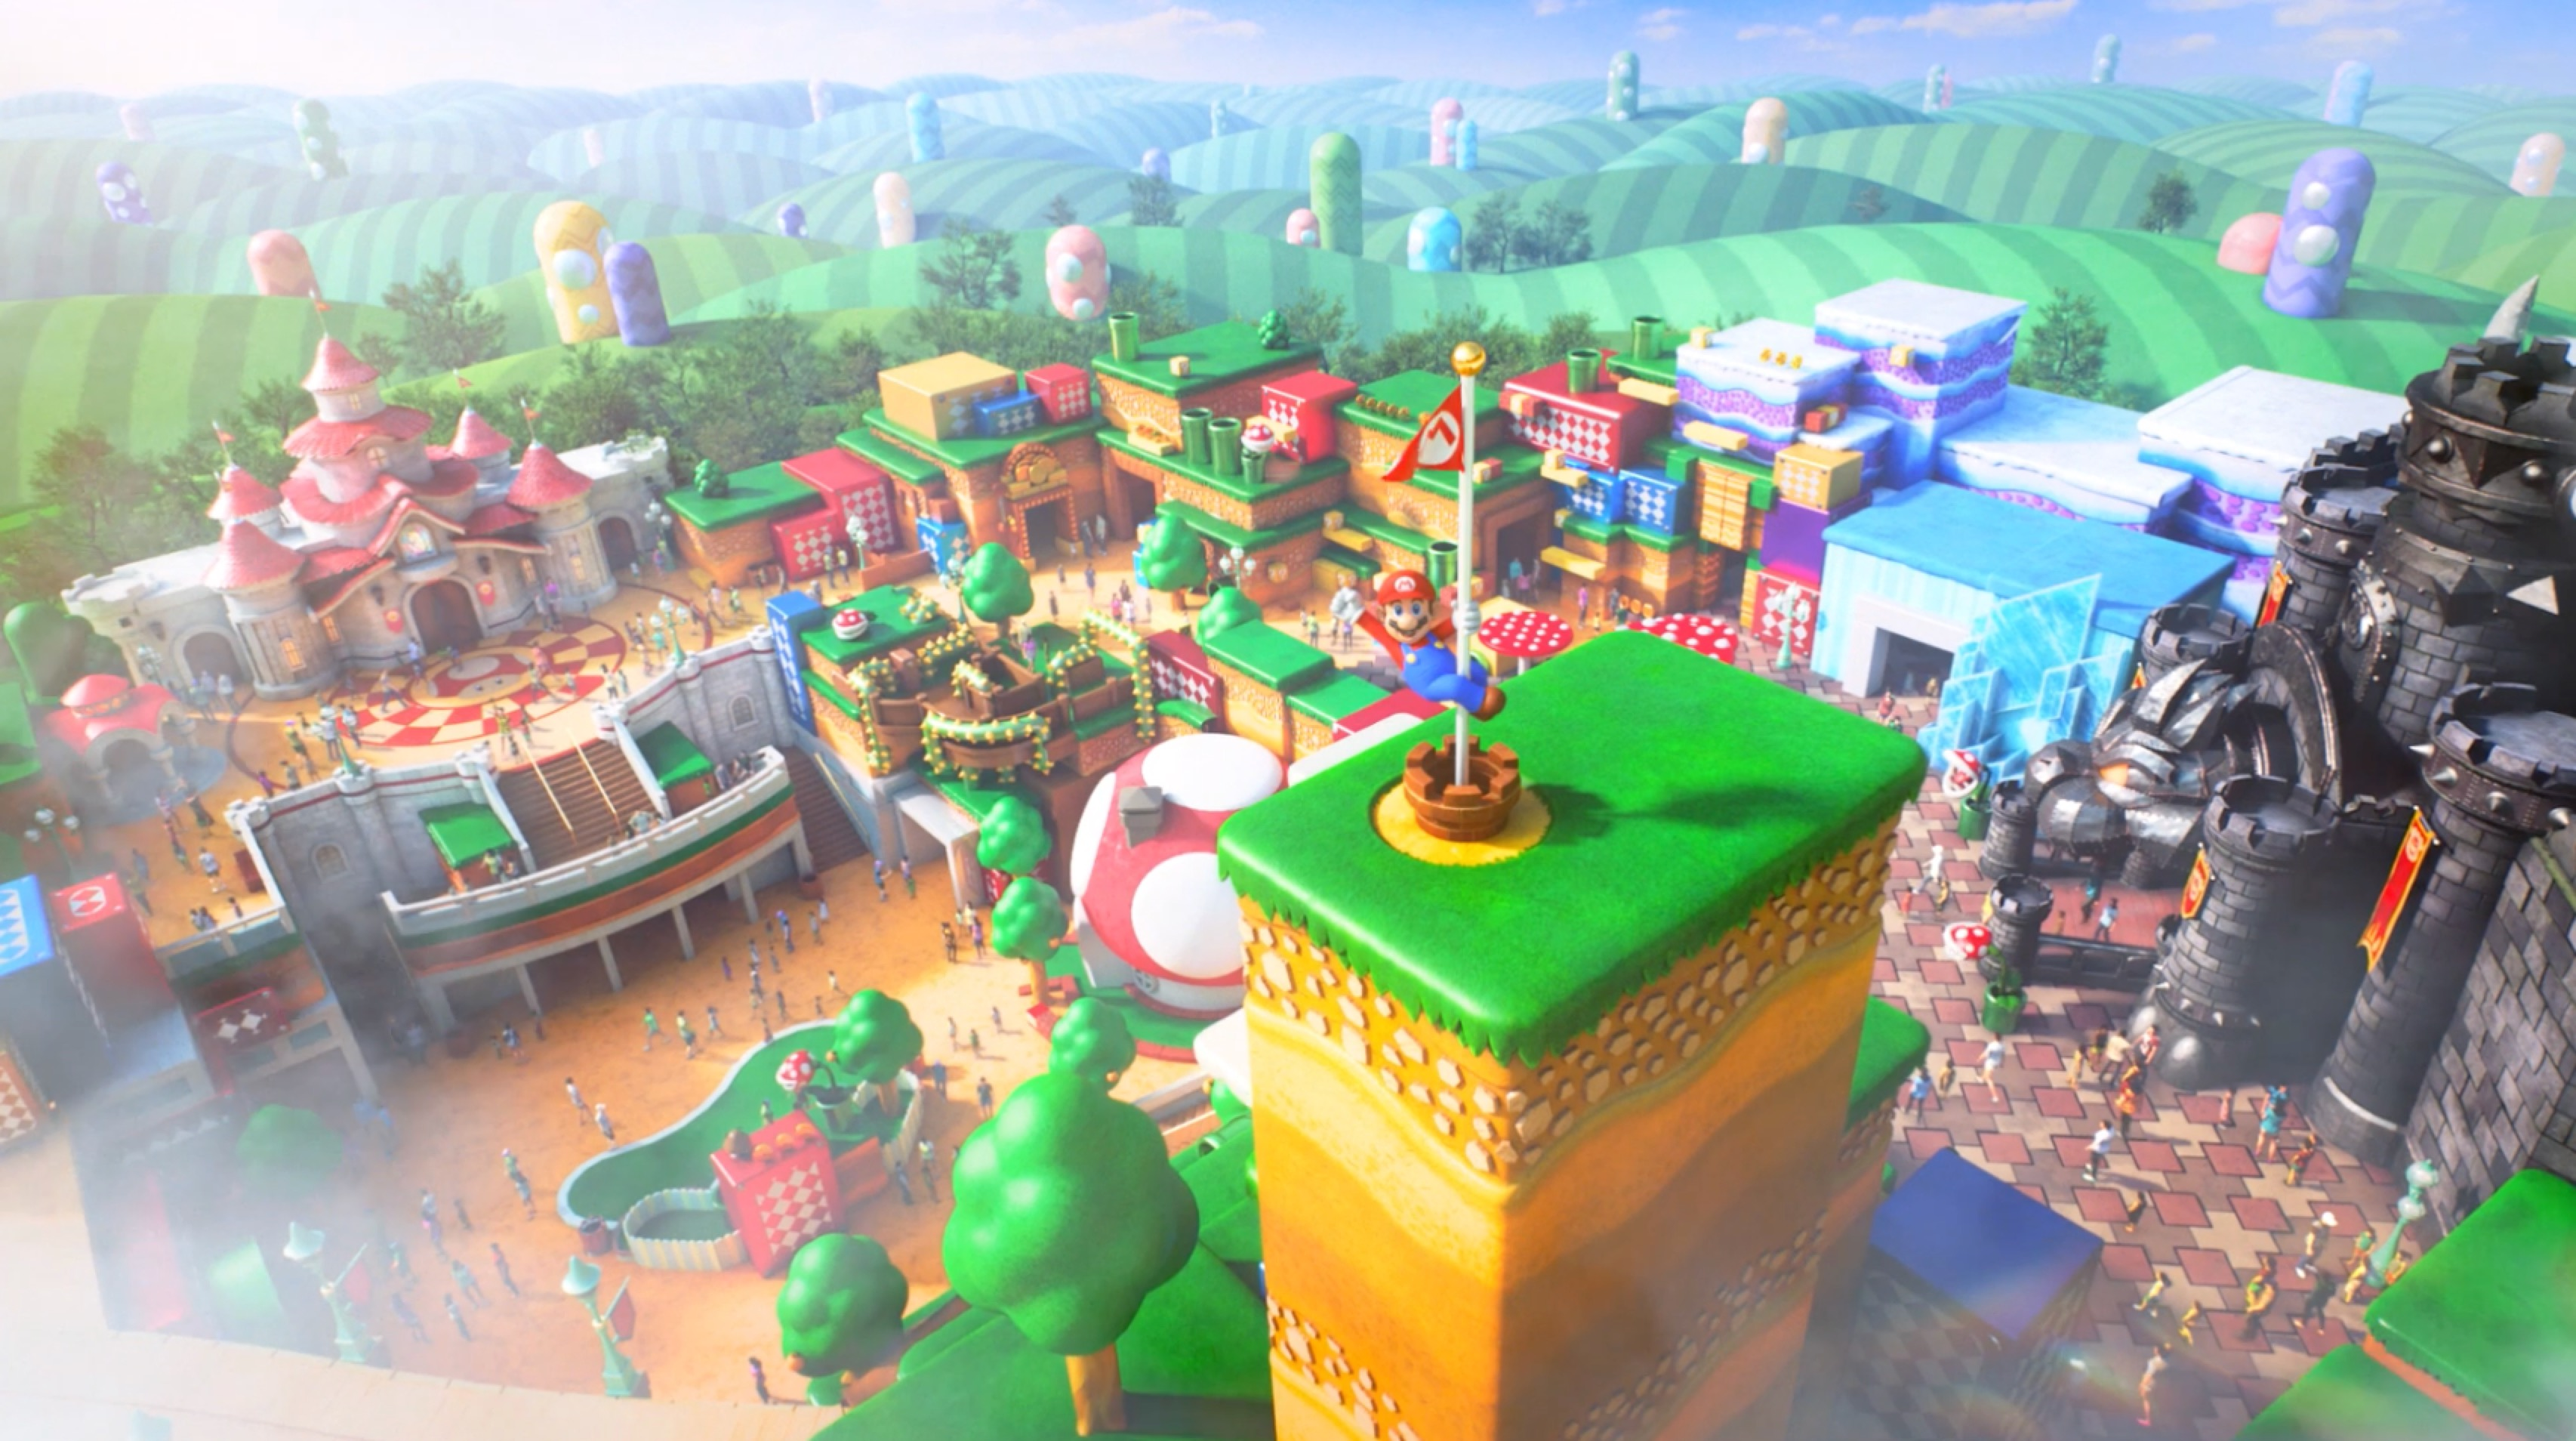 Super Nintendo World Concept Art Reveals Zeldas Kingdom